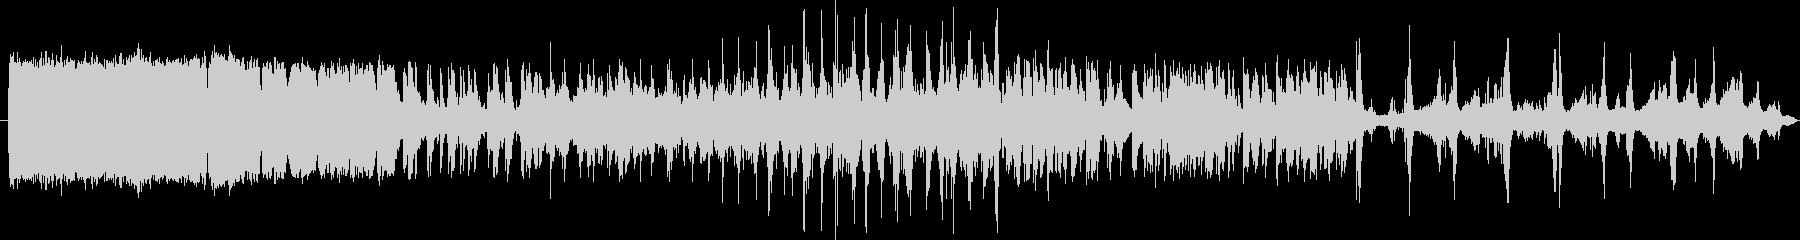 テスラコイル2;大型テスラコイル;...の未再生の波形